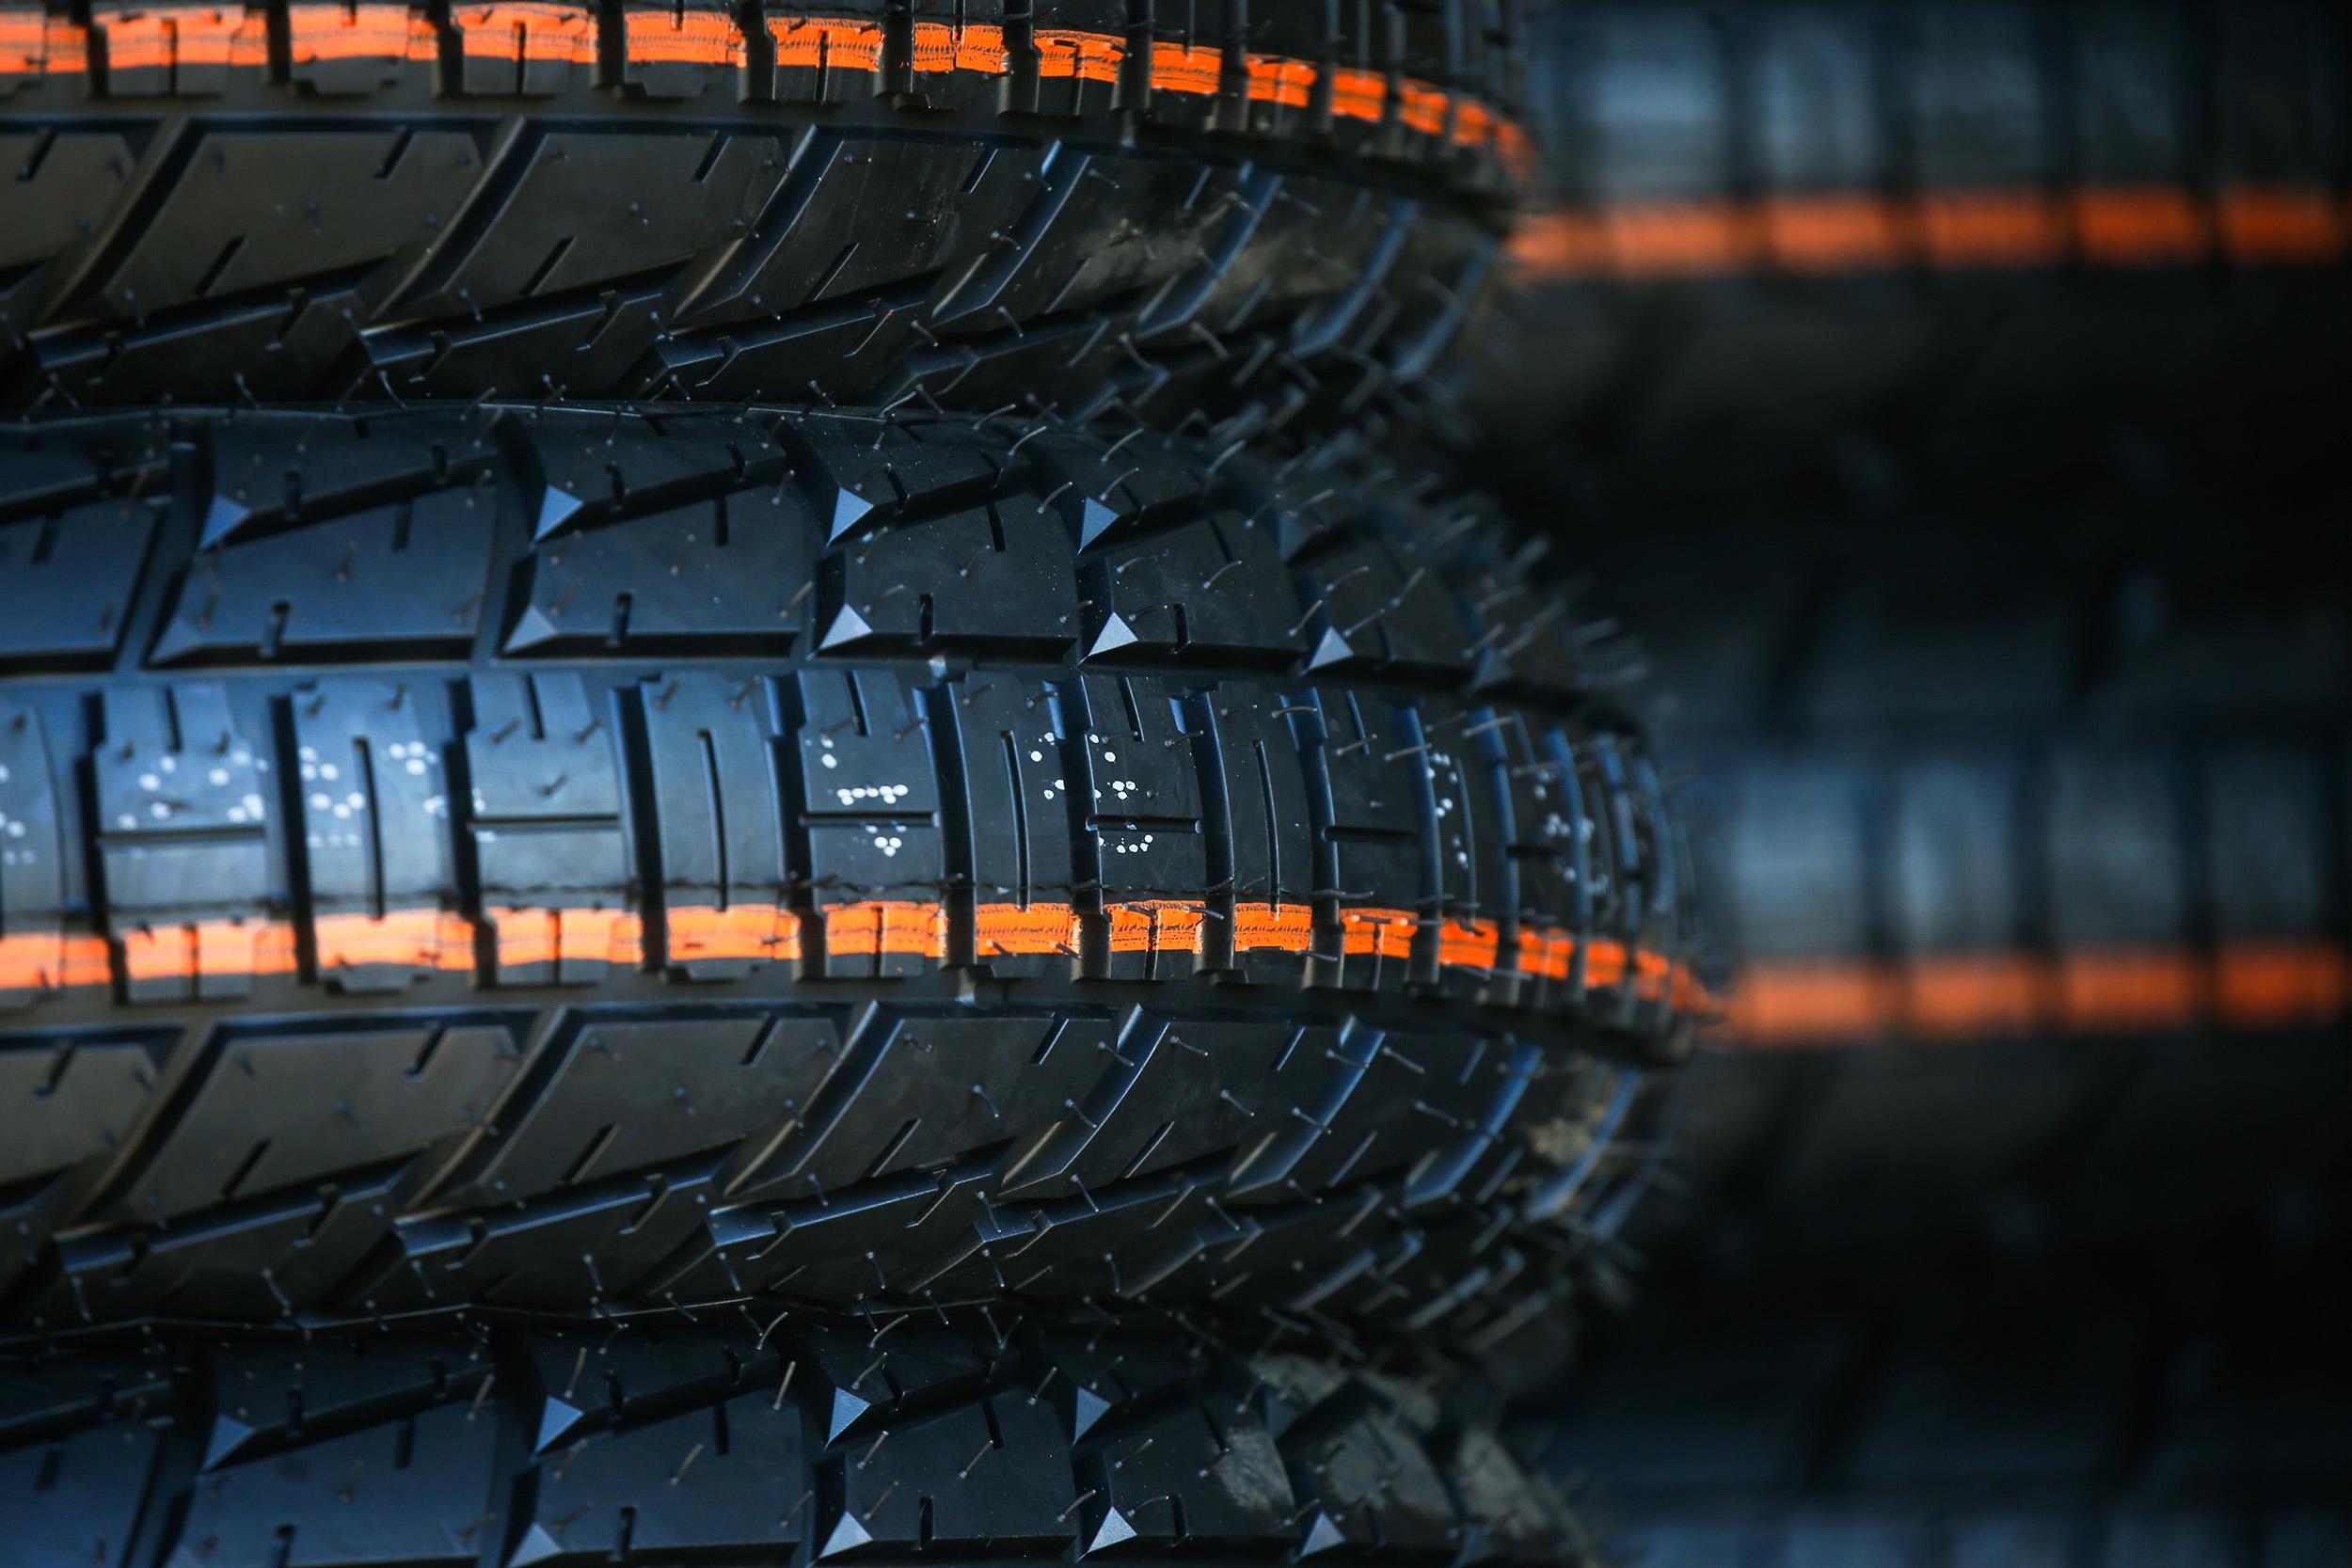 201210 Progressive AFT Sneak Peek- Dunlop Tire Test Day 2 (2)